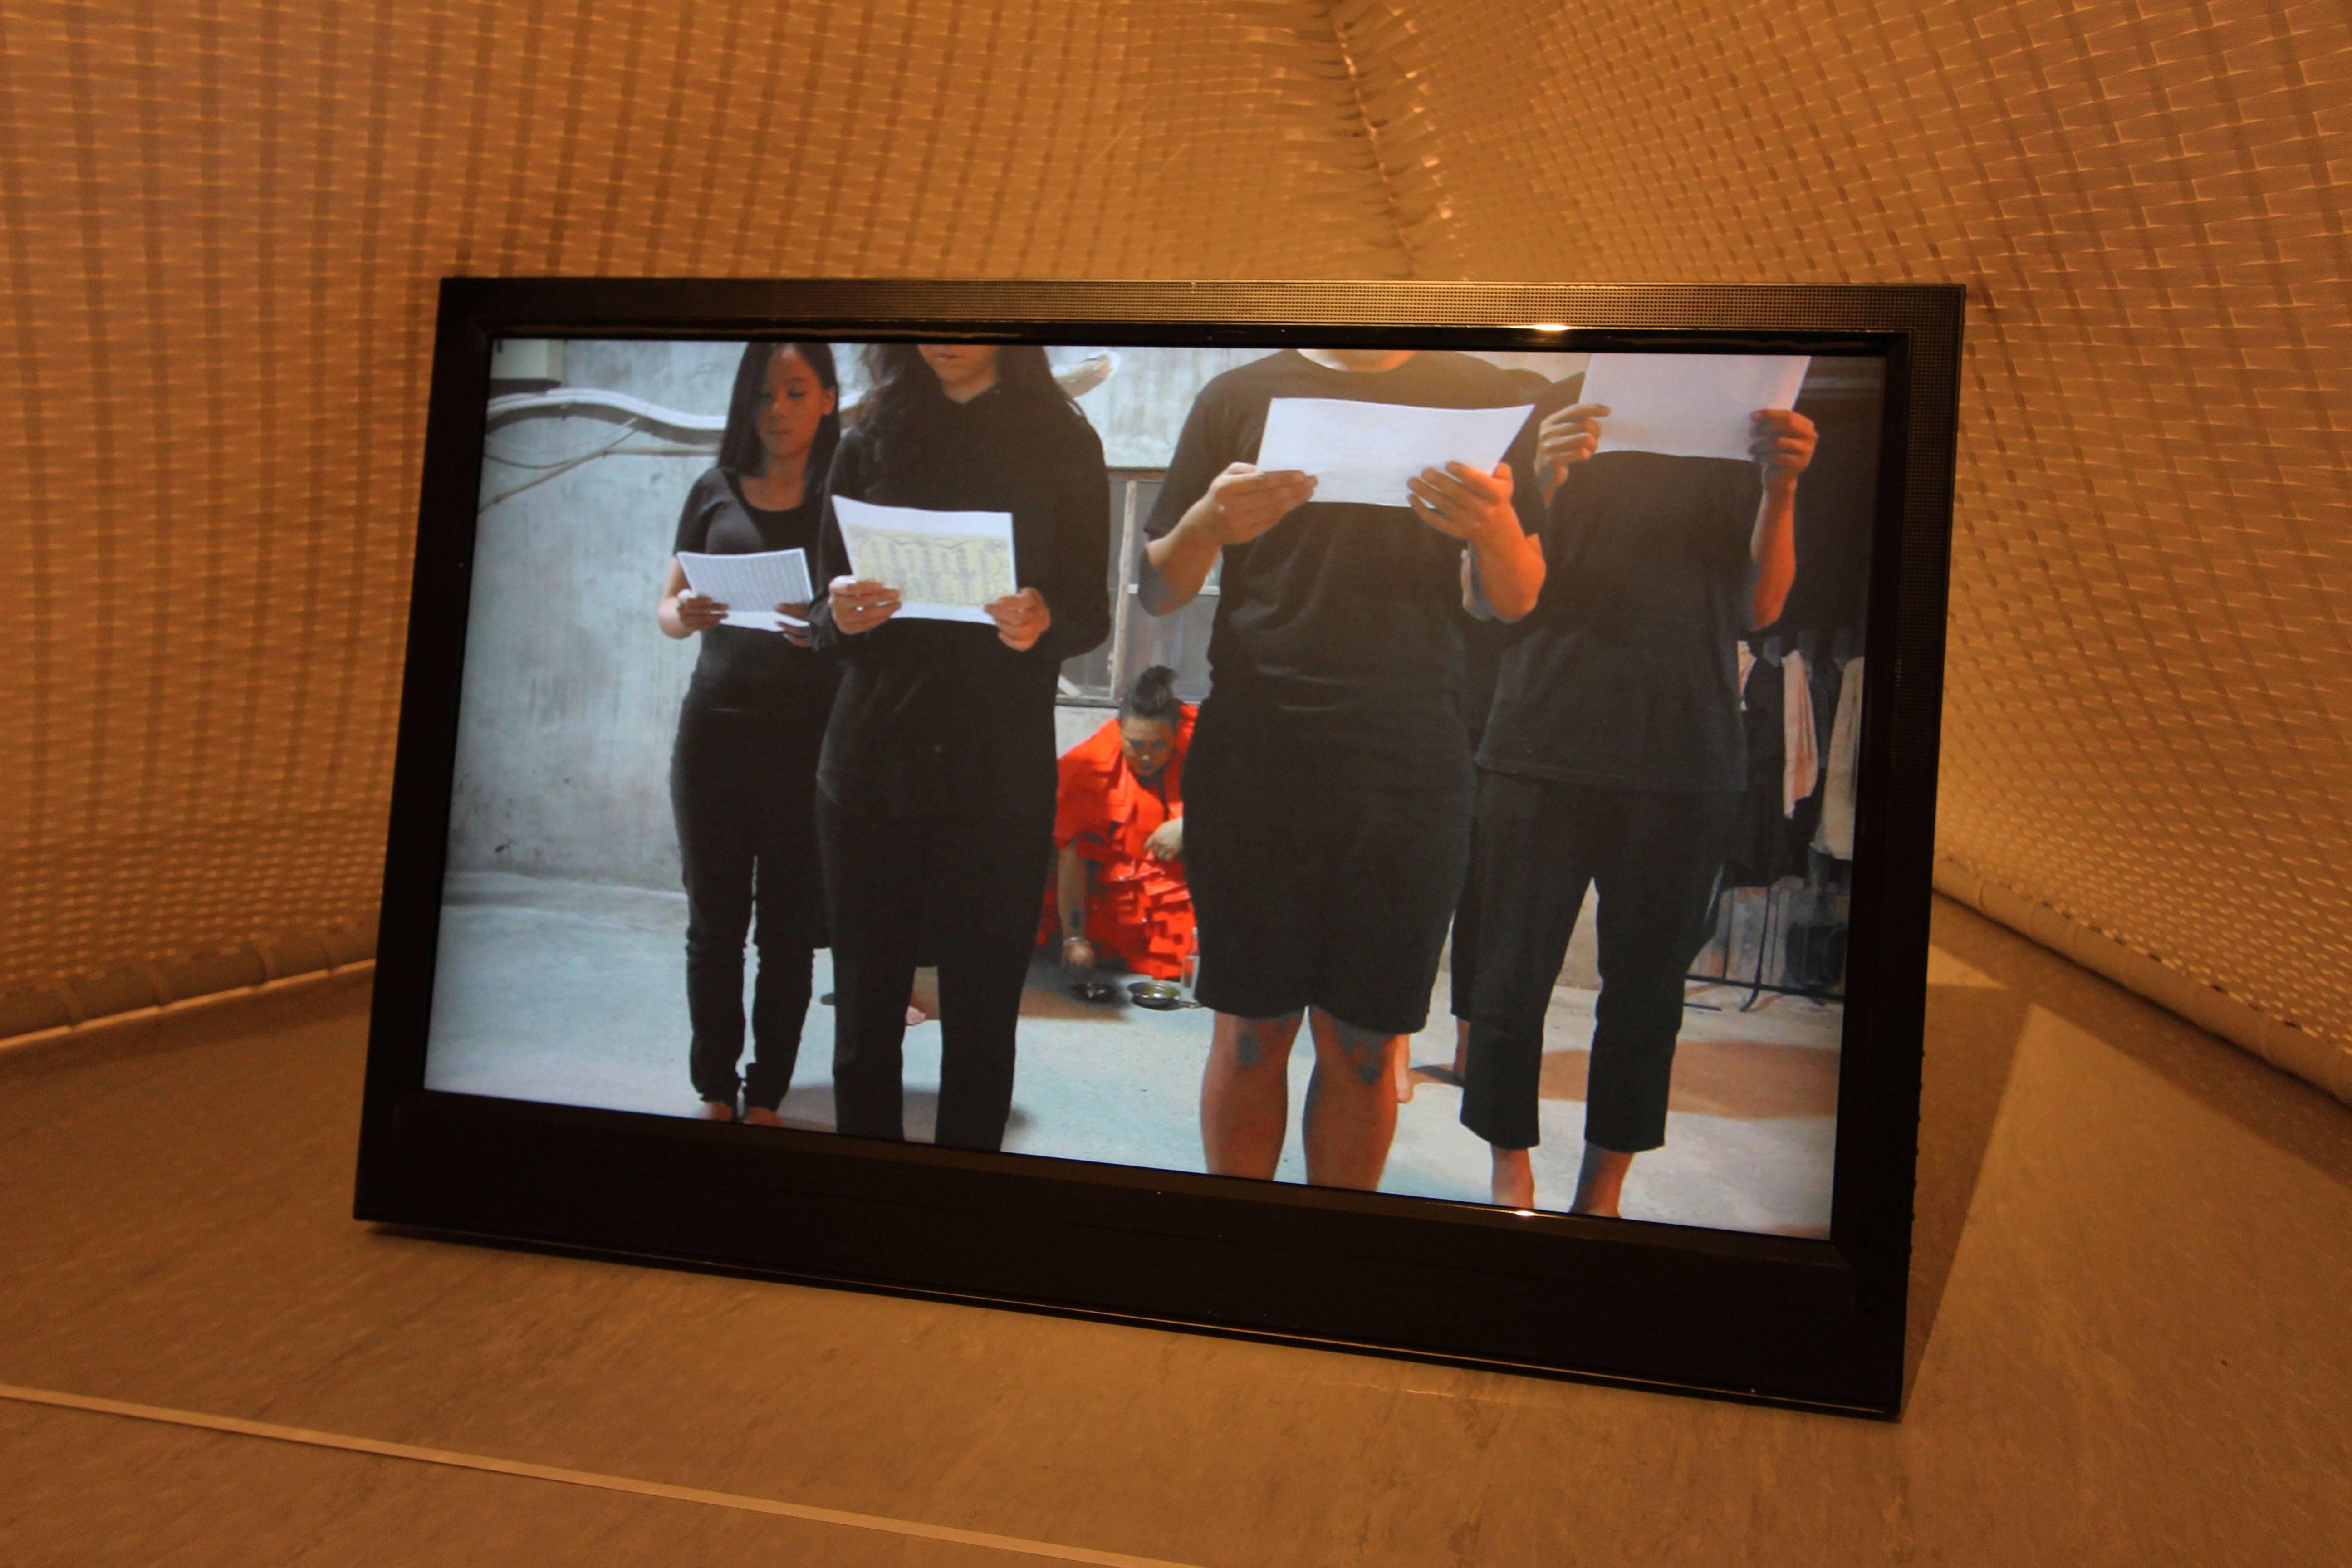 2018台北美術獎入選作品。東冬.侯溫,《3M—三件正在發生的事》,錄像、裝置、行為紀錄,尺寸依場地而定,2018。